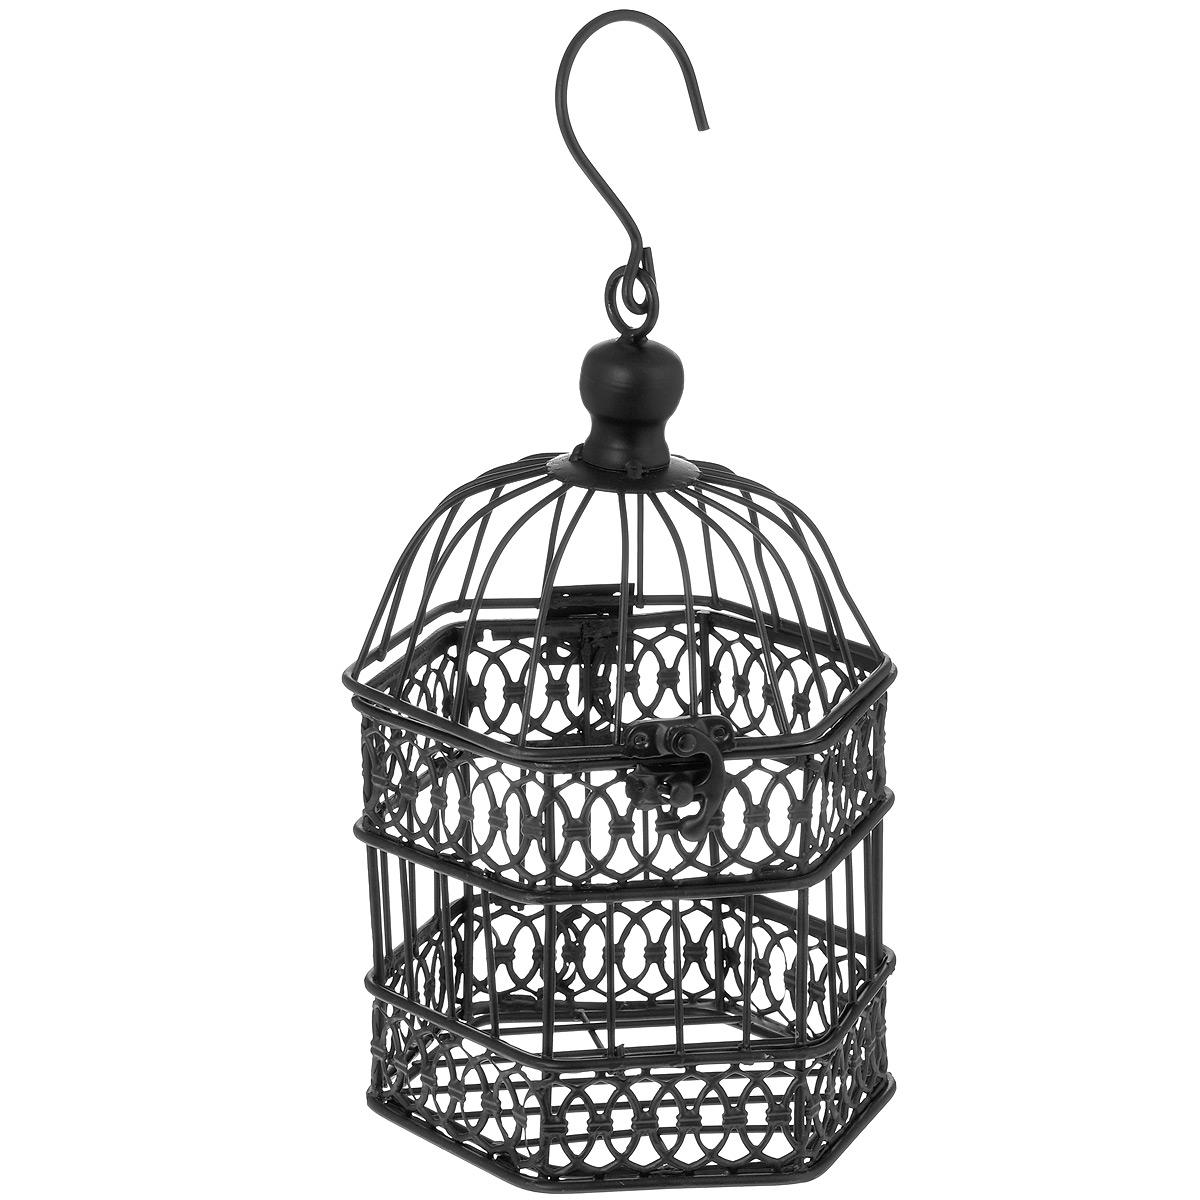 Клетка декоративная Узорчатая, цвет: черный, 13 см х 14,5 см х 21 см66794_3Декоративная клетка Узорчатая выполнена из высококачественного металла шестиугольной формы. Изделие украшено изящными коваными узорами. Клетка оснащена крышкой, которая закрывается на специальный замок. На крышке имеется крючок, за который клетку можно повесить в любое удобное место. Такая клетка подойдет для декора интерьера дома или офиса. Кроме того - это отличный вариант подарка для ваших близких и друзей.Размер клетки: 13 см х 14,5 см х 21 см.